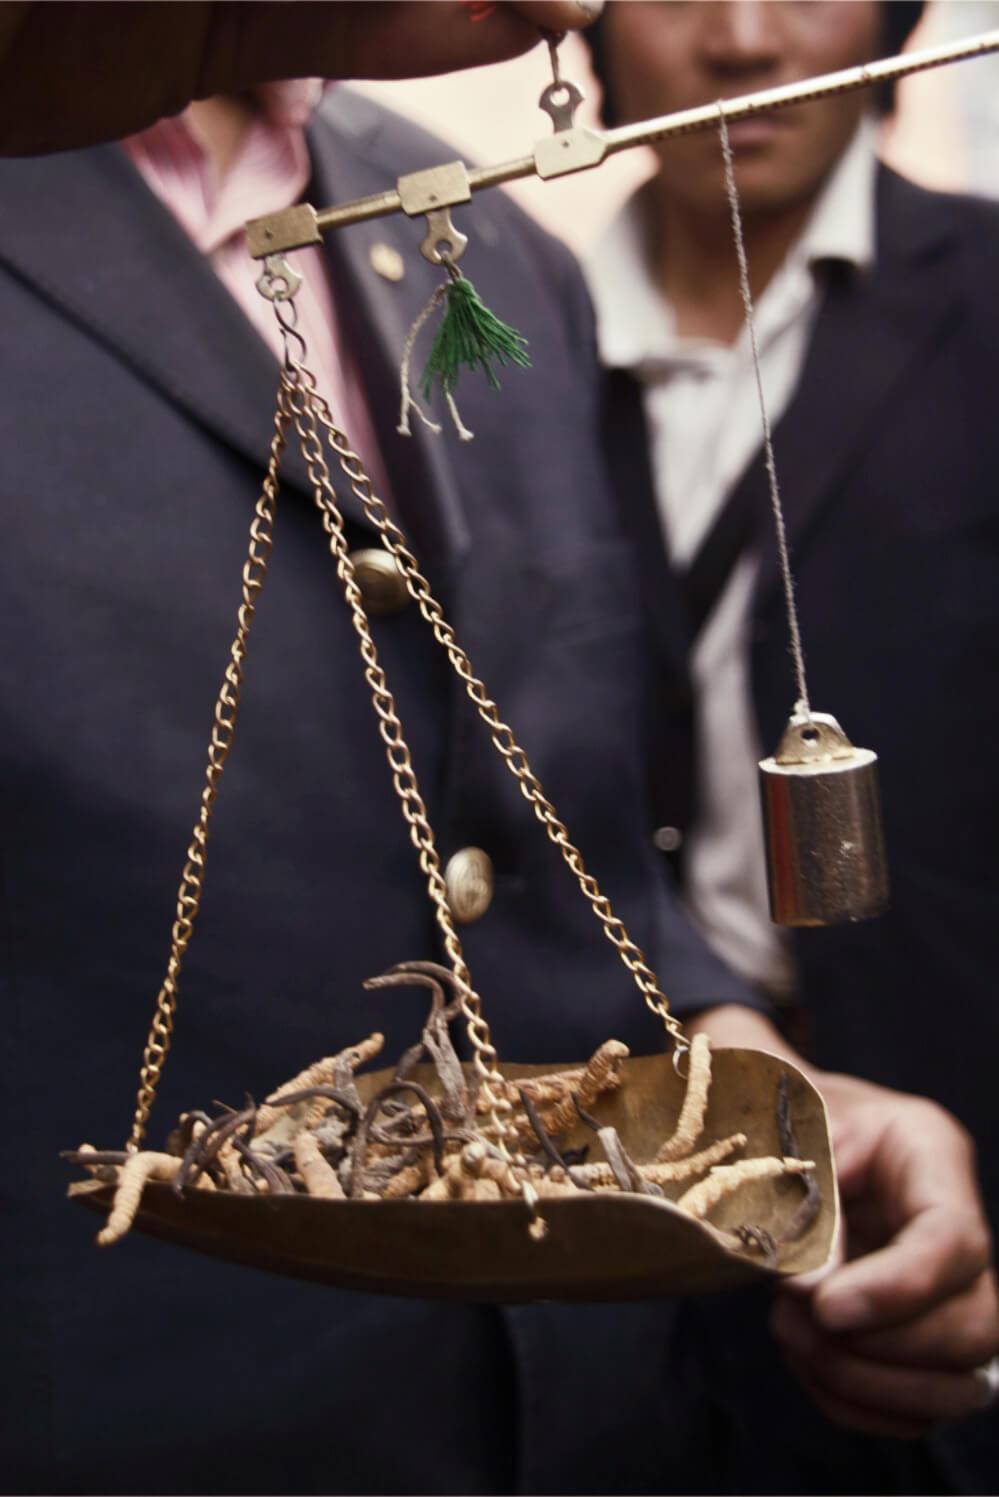 Le champignon médicinal cordyceps sinesis pesé sur le marché de Yush en Chine